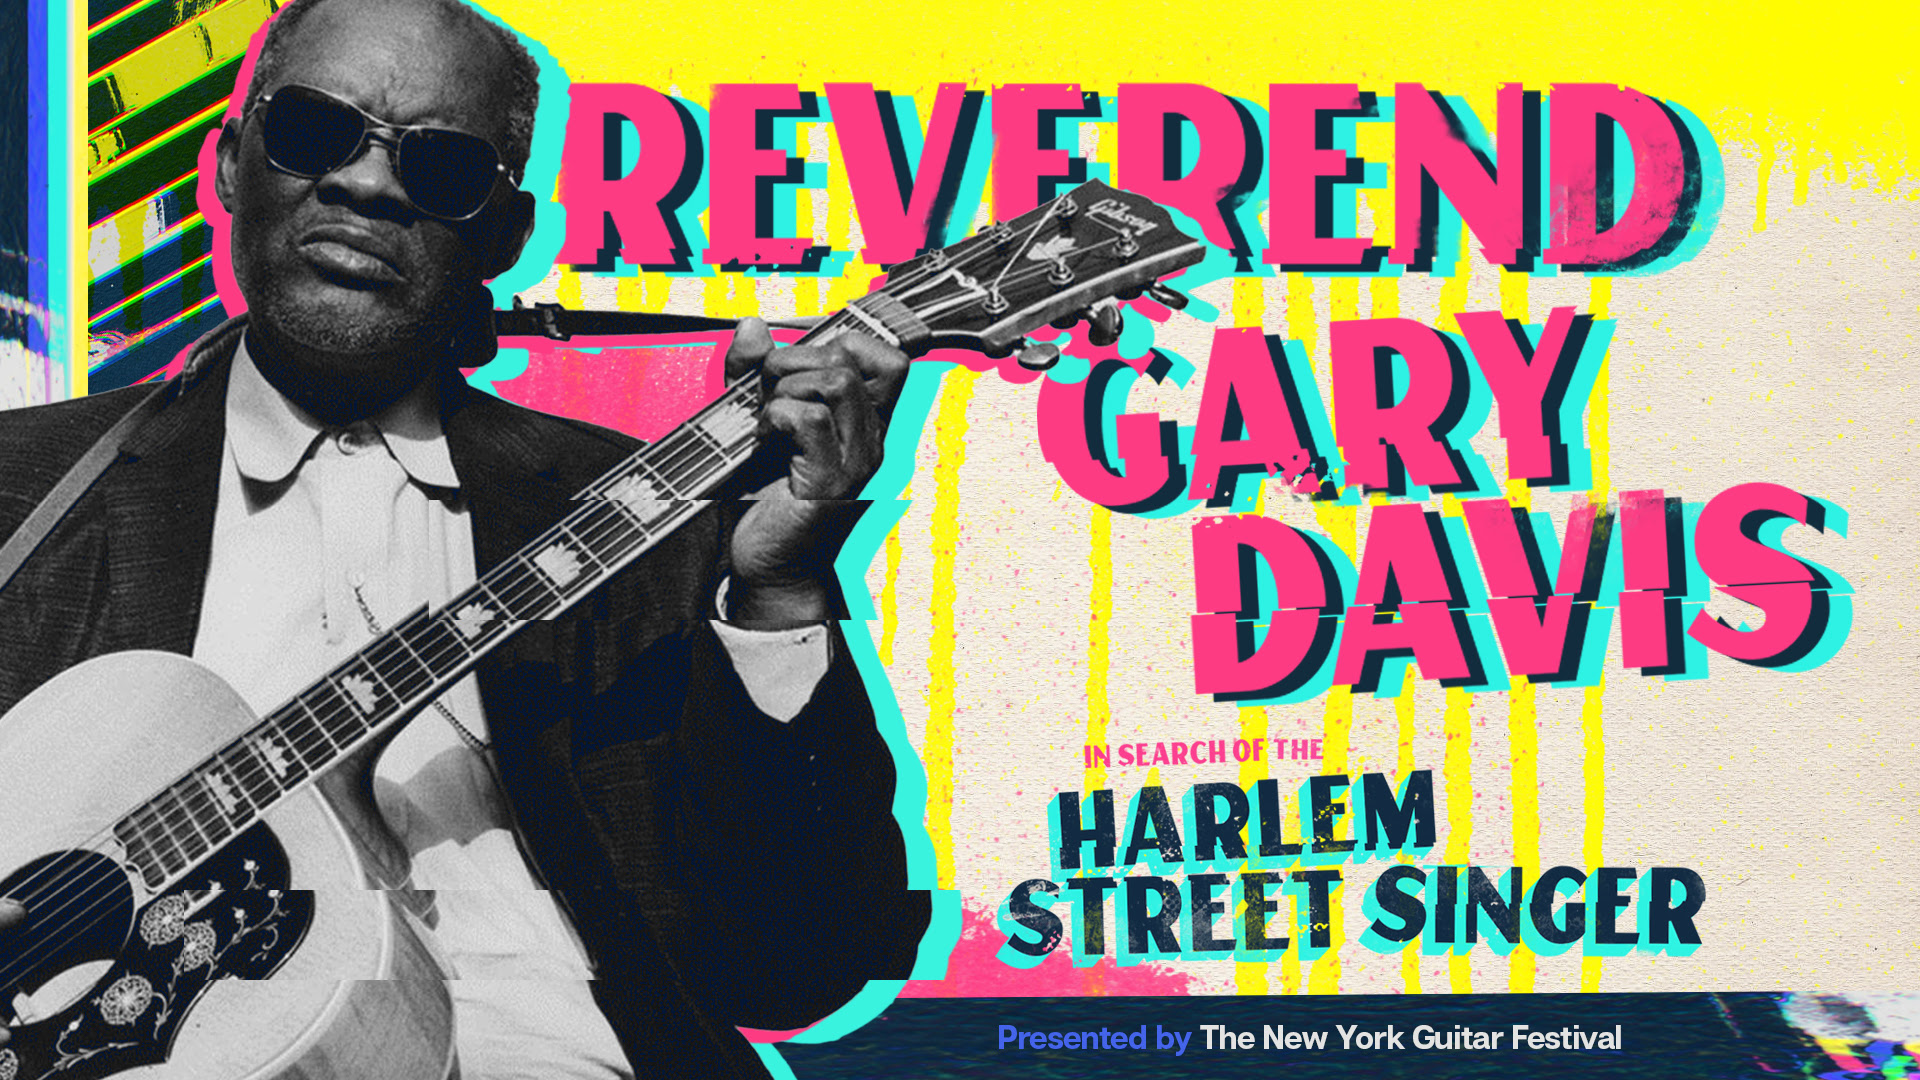 Menginspirasi Pemain di Agen Slot, Ini Dia Kisah Reverend Gary Devis yang Mengagumkan